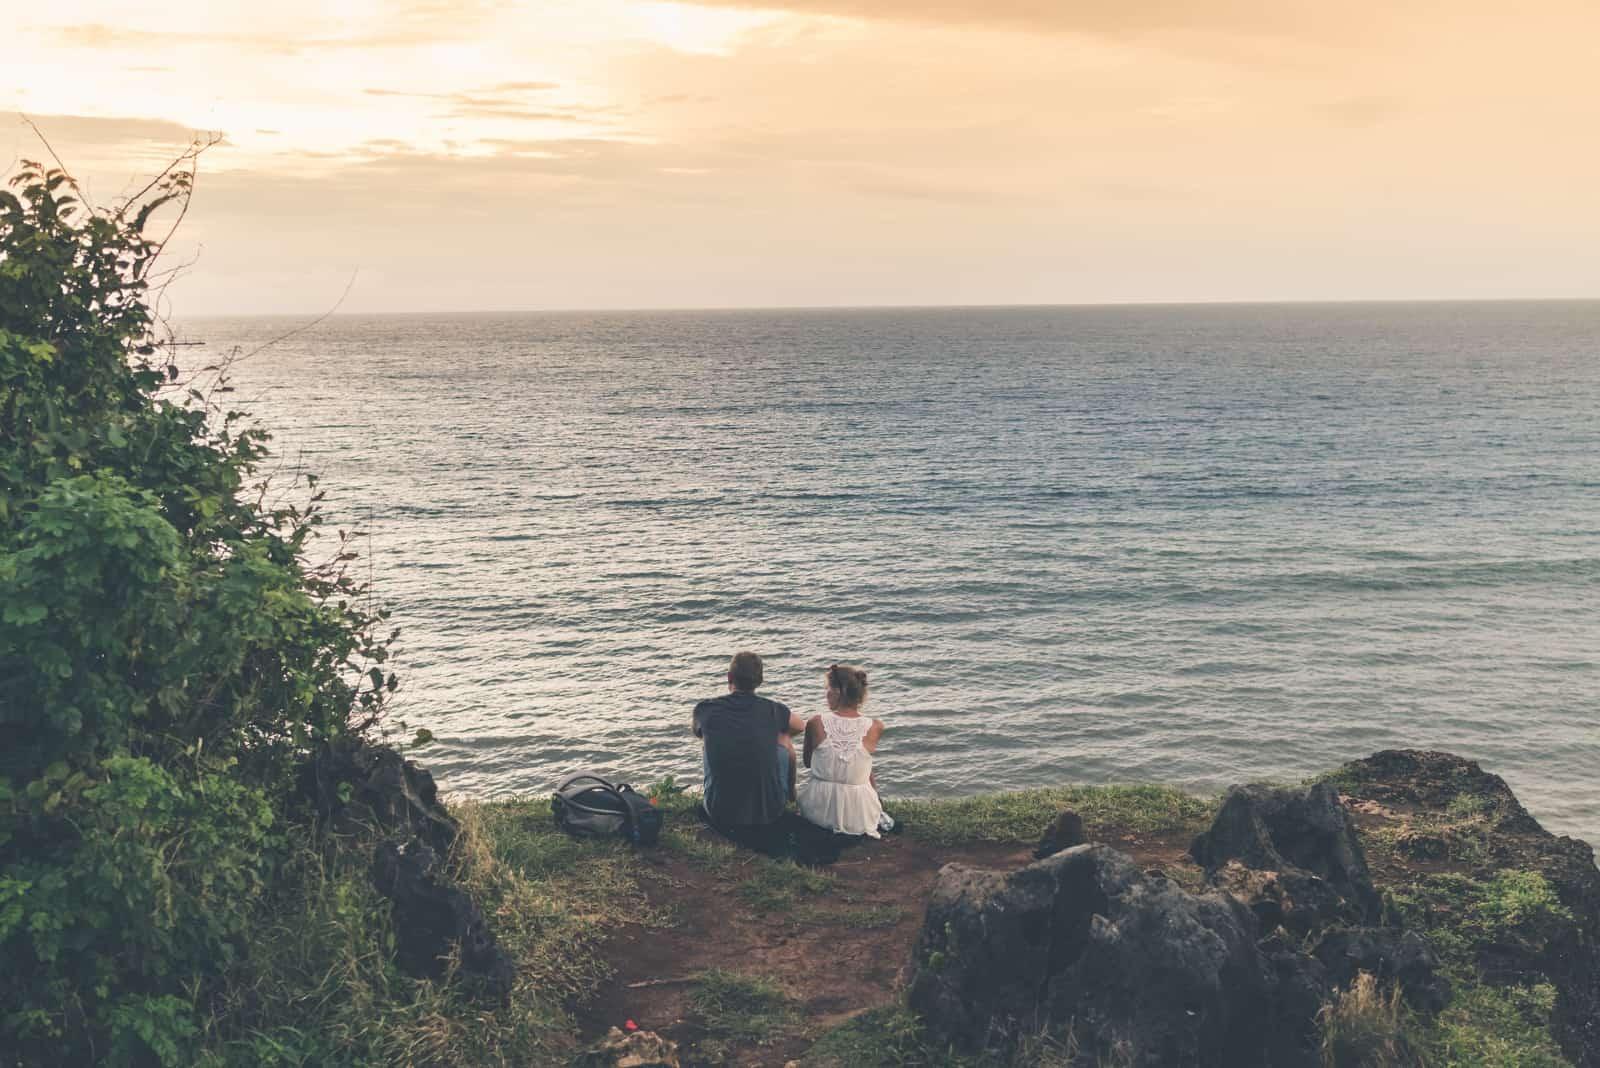 homme et femme en robe blanche assis près de la mer